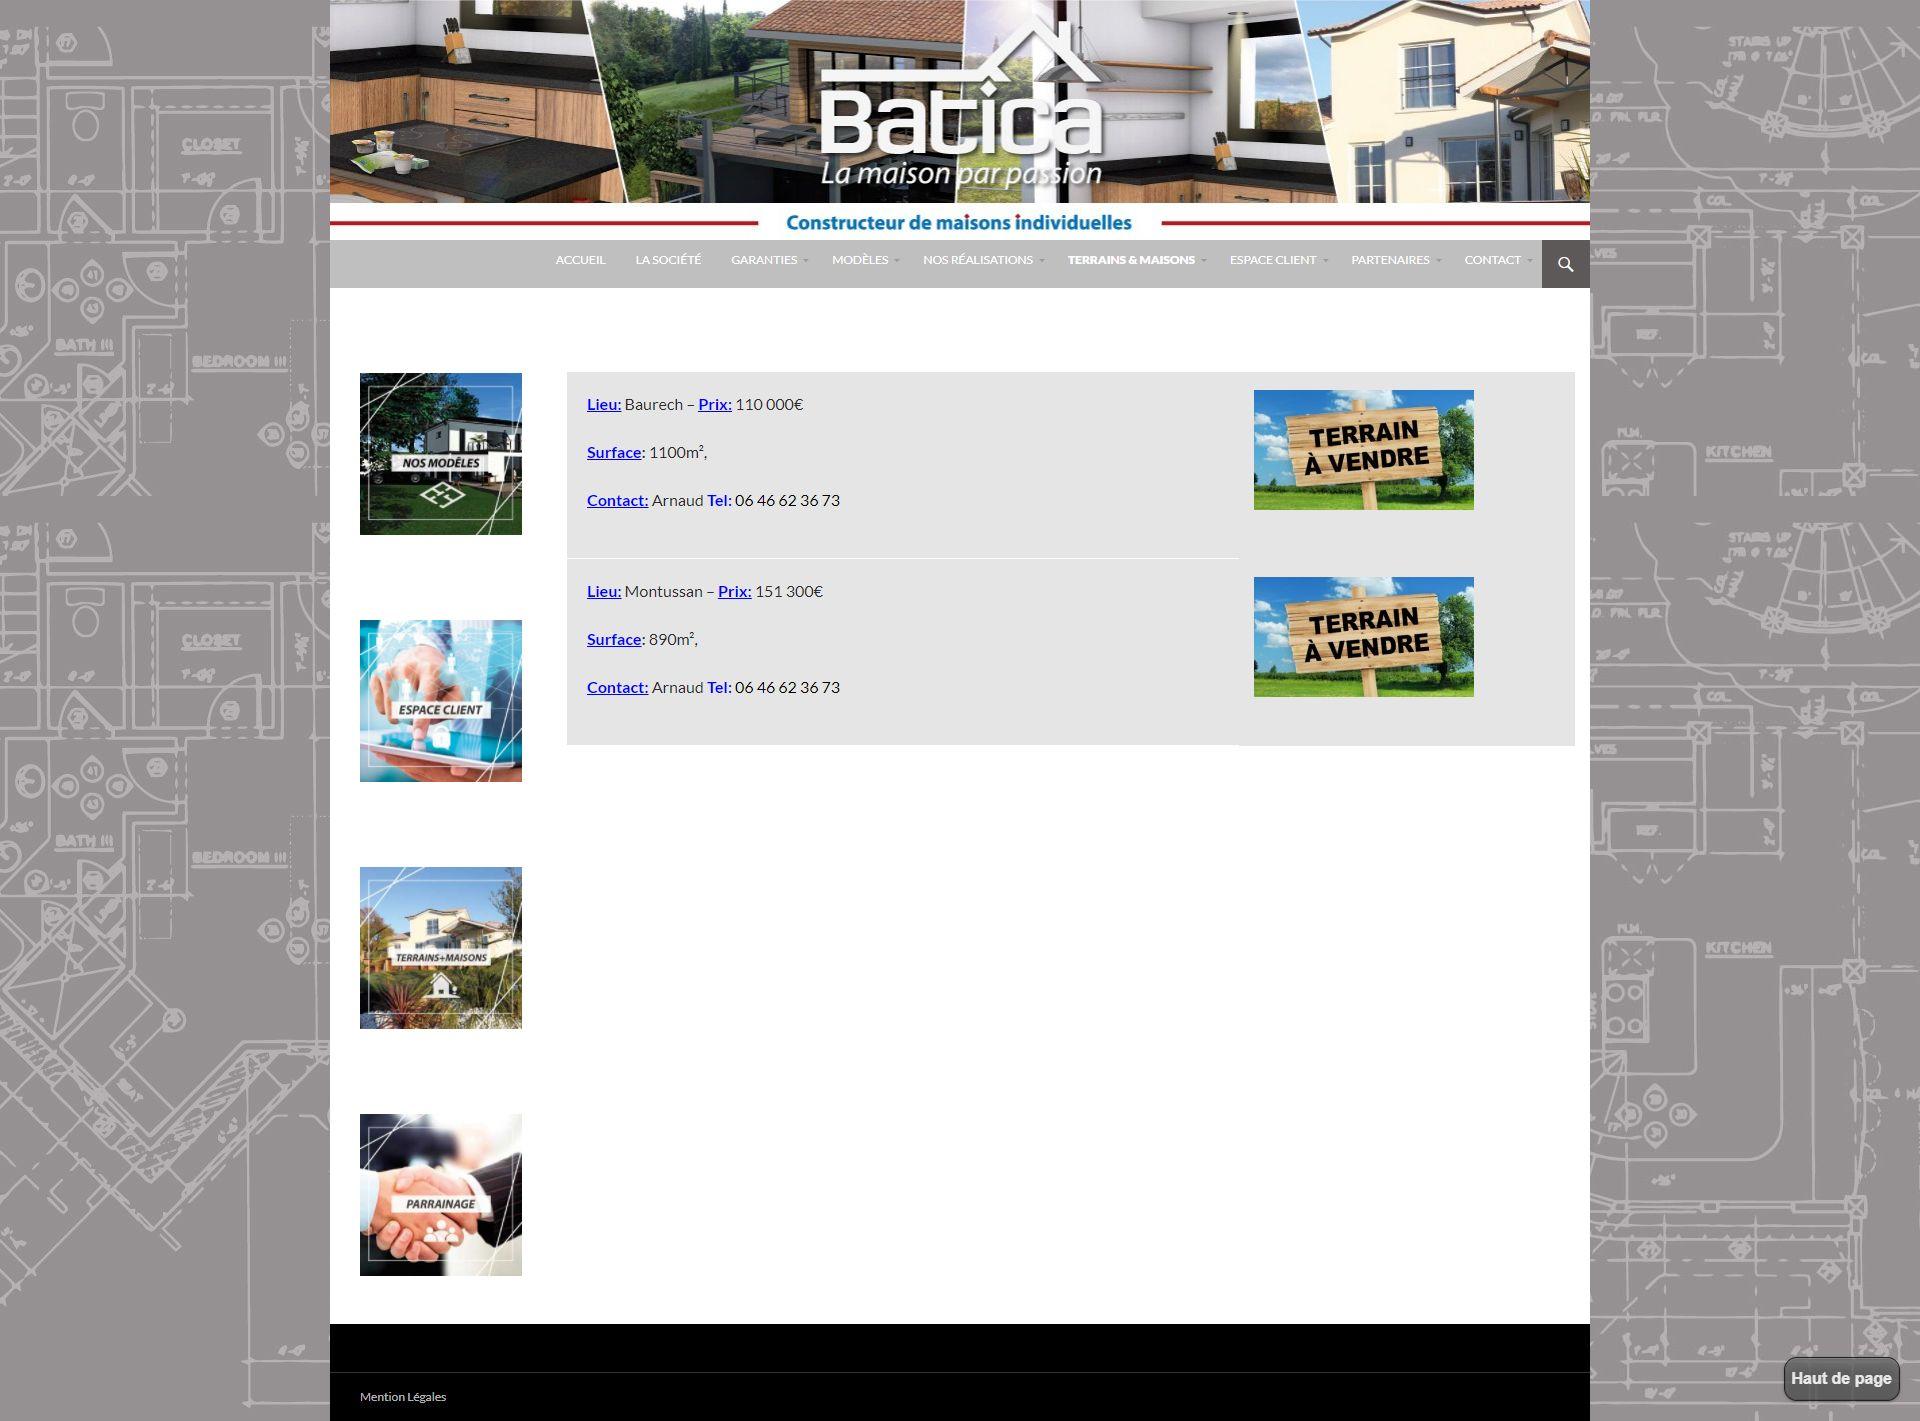 FireShot Pro Screen Capture #007 - 'Terrains I BATICA I Constructeur de maisons individuelles' - www_batica33_fr_terrains